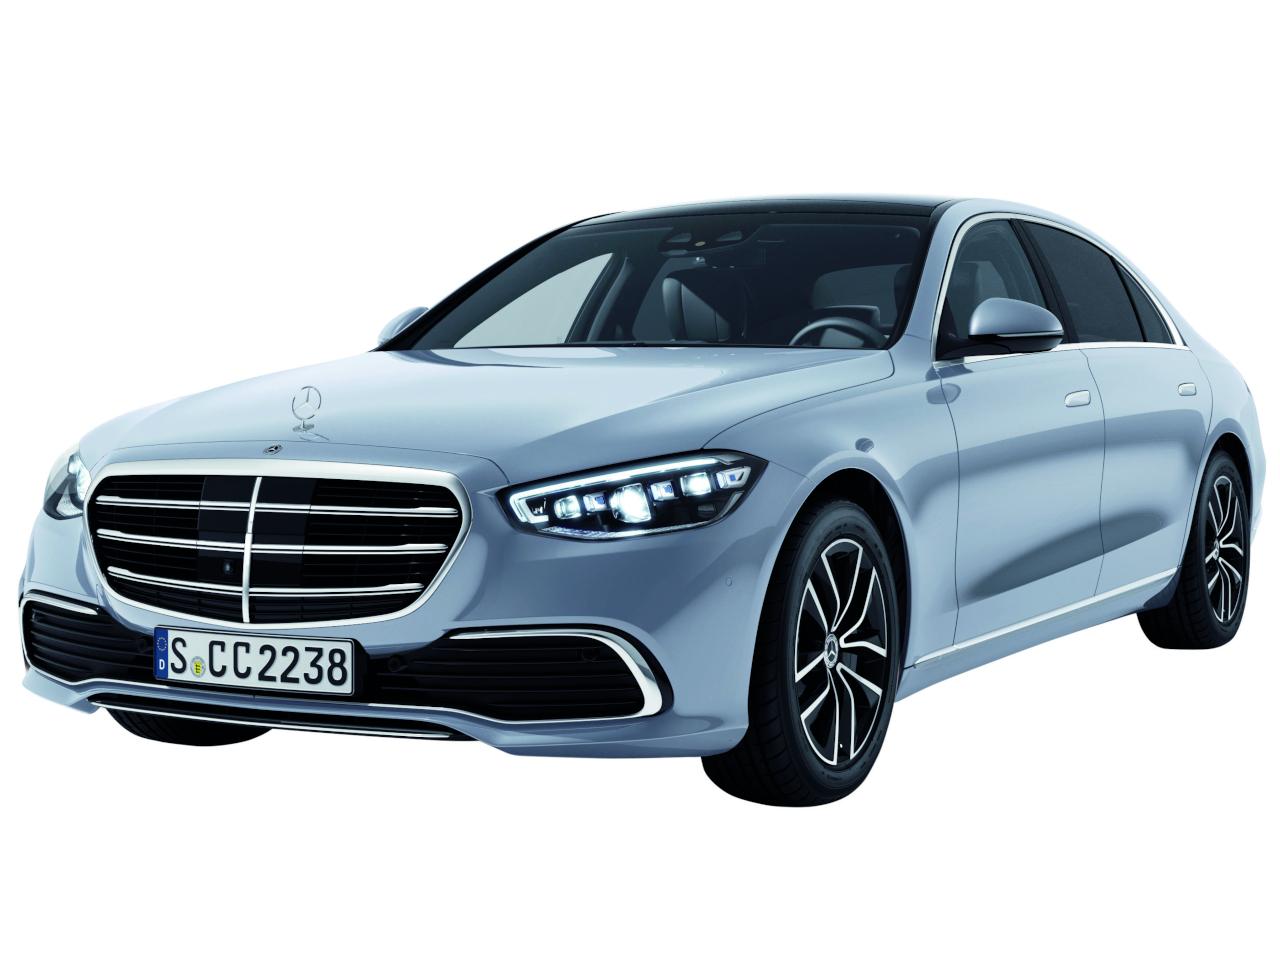 メルセデス・ベンツ Sクラス 2021年モデル 新車画像